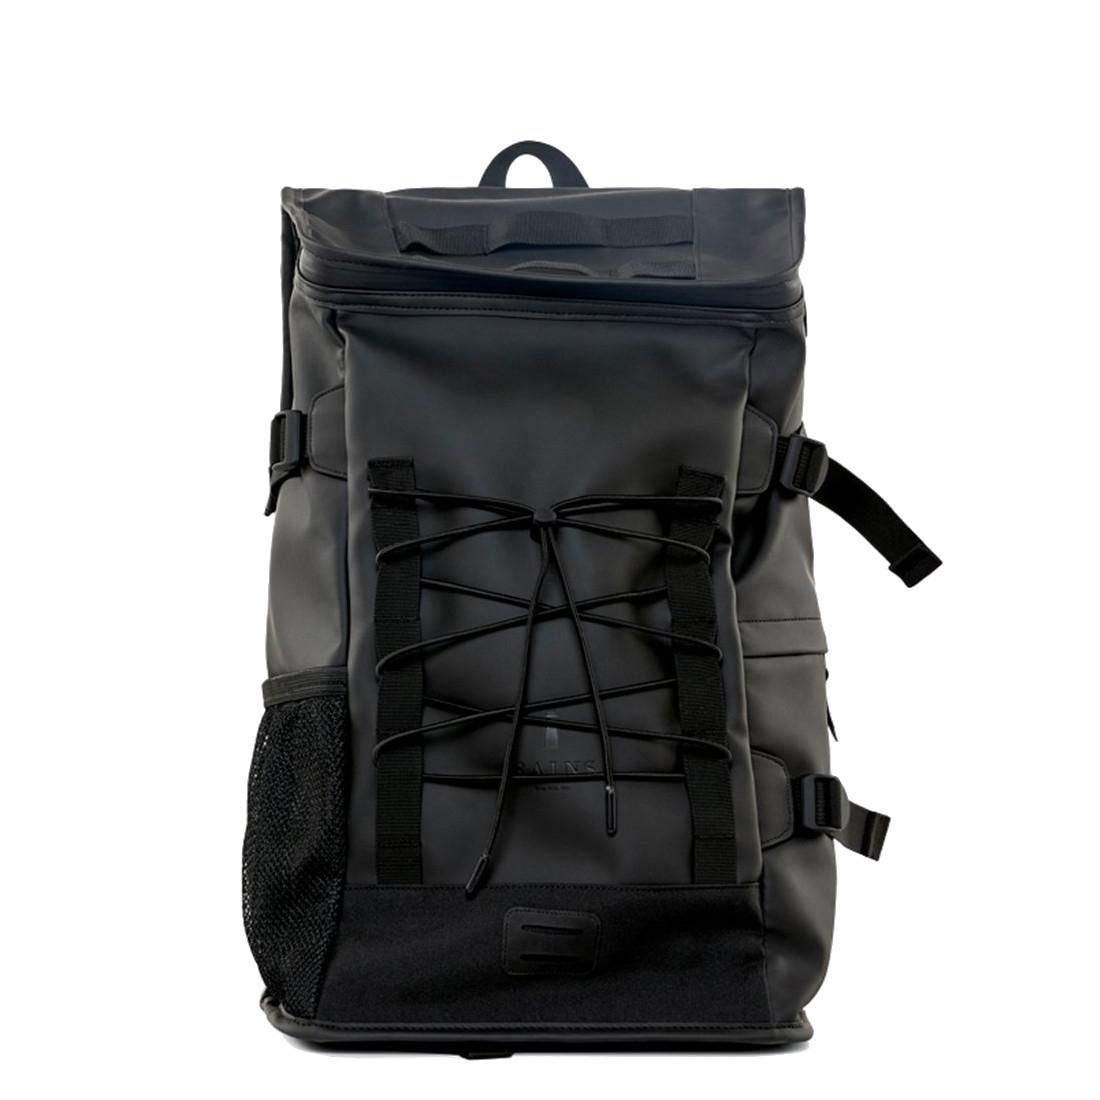 Afbeelding van Rains Original Mountaineer Bag Backpack Black Casual Rugtassen